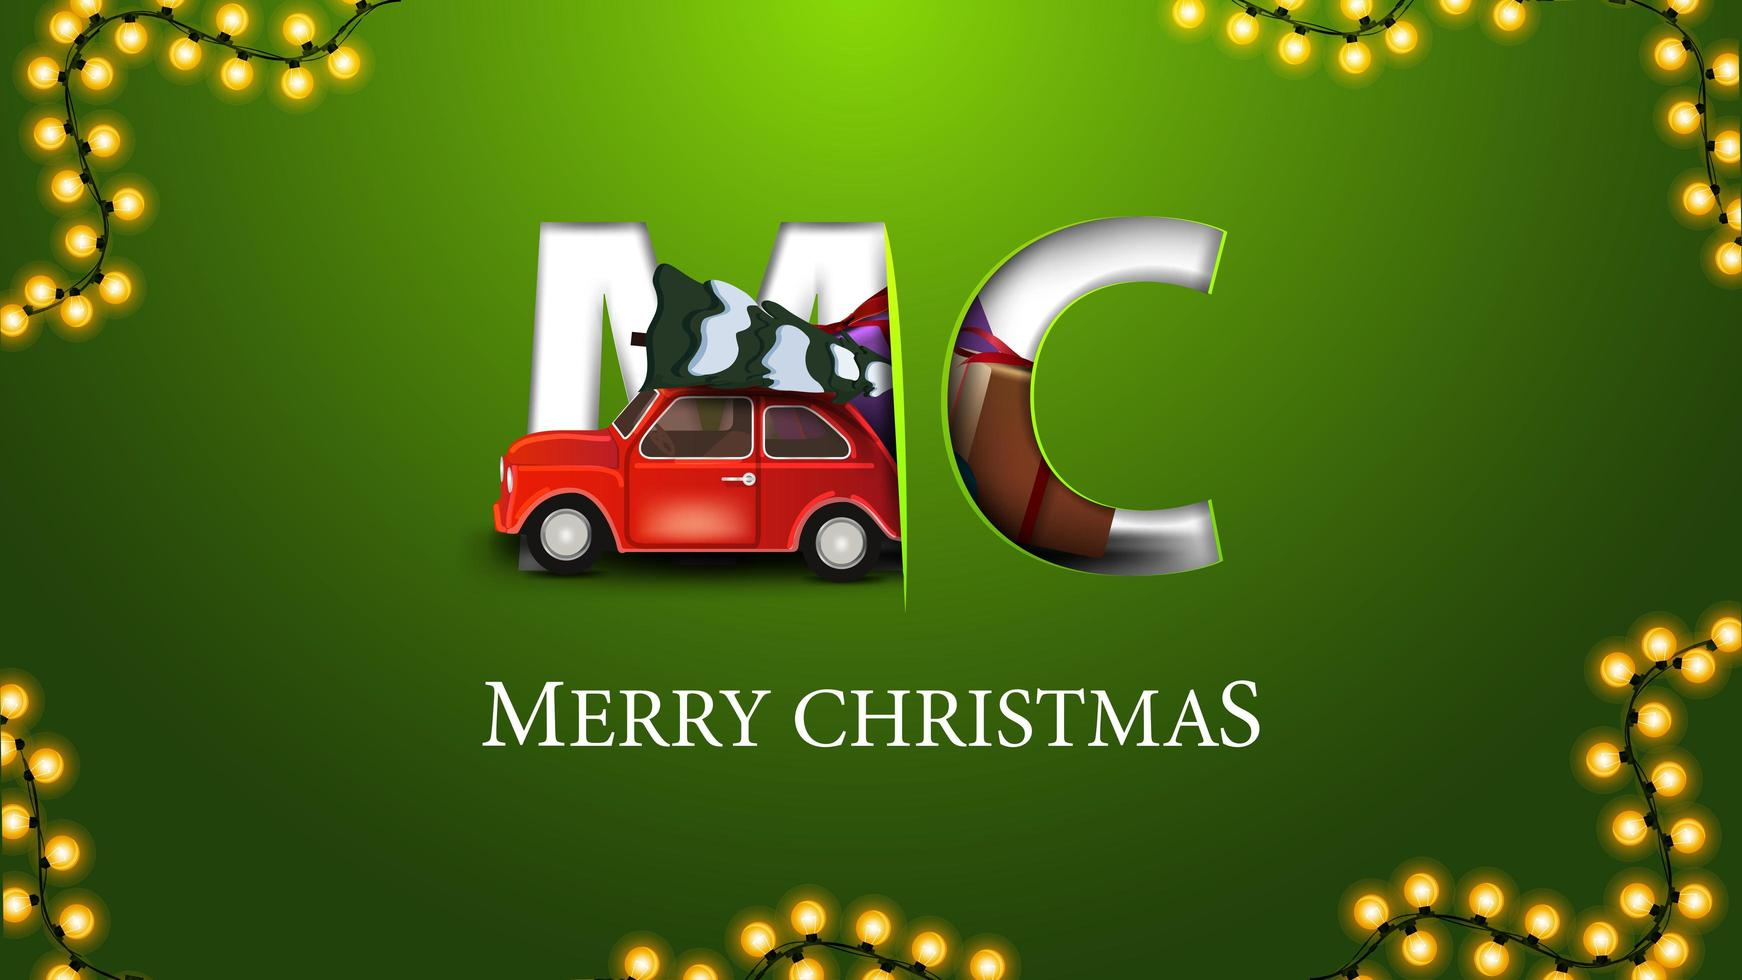 vrolijk kerstfeest, groene ansichtkaart in minimalistische stijl met rode vintage auto met kerstboom vector